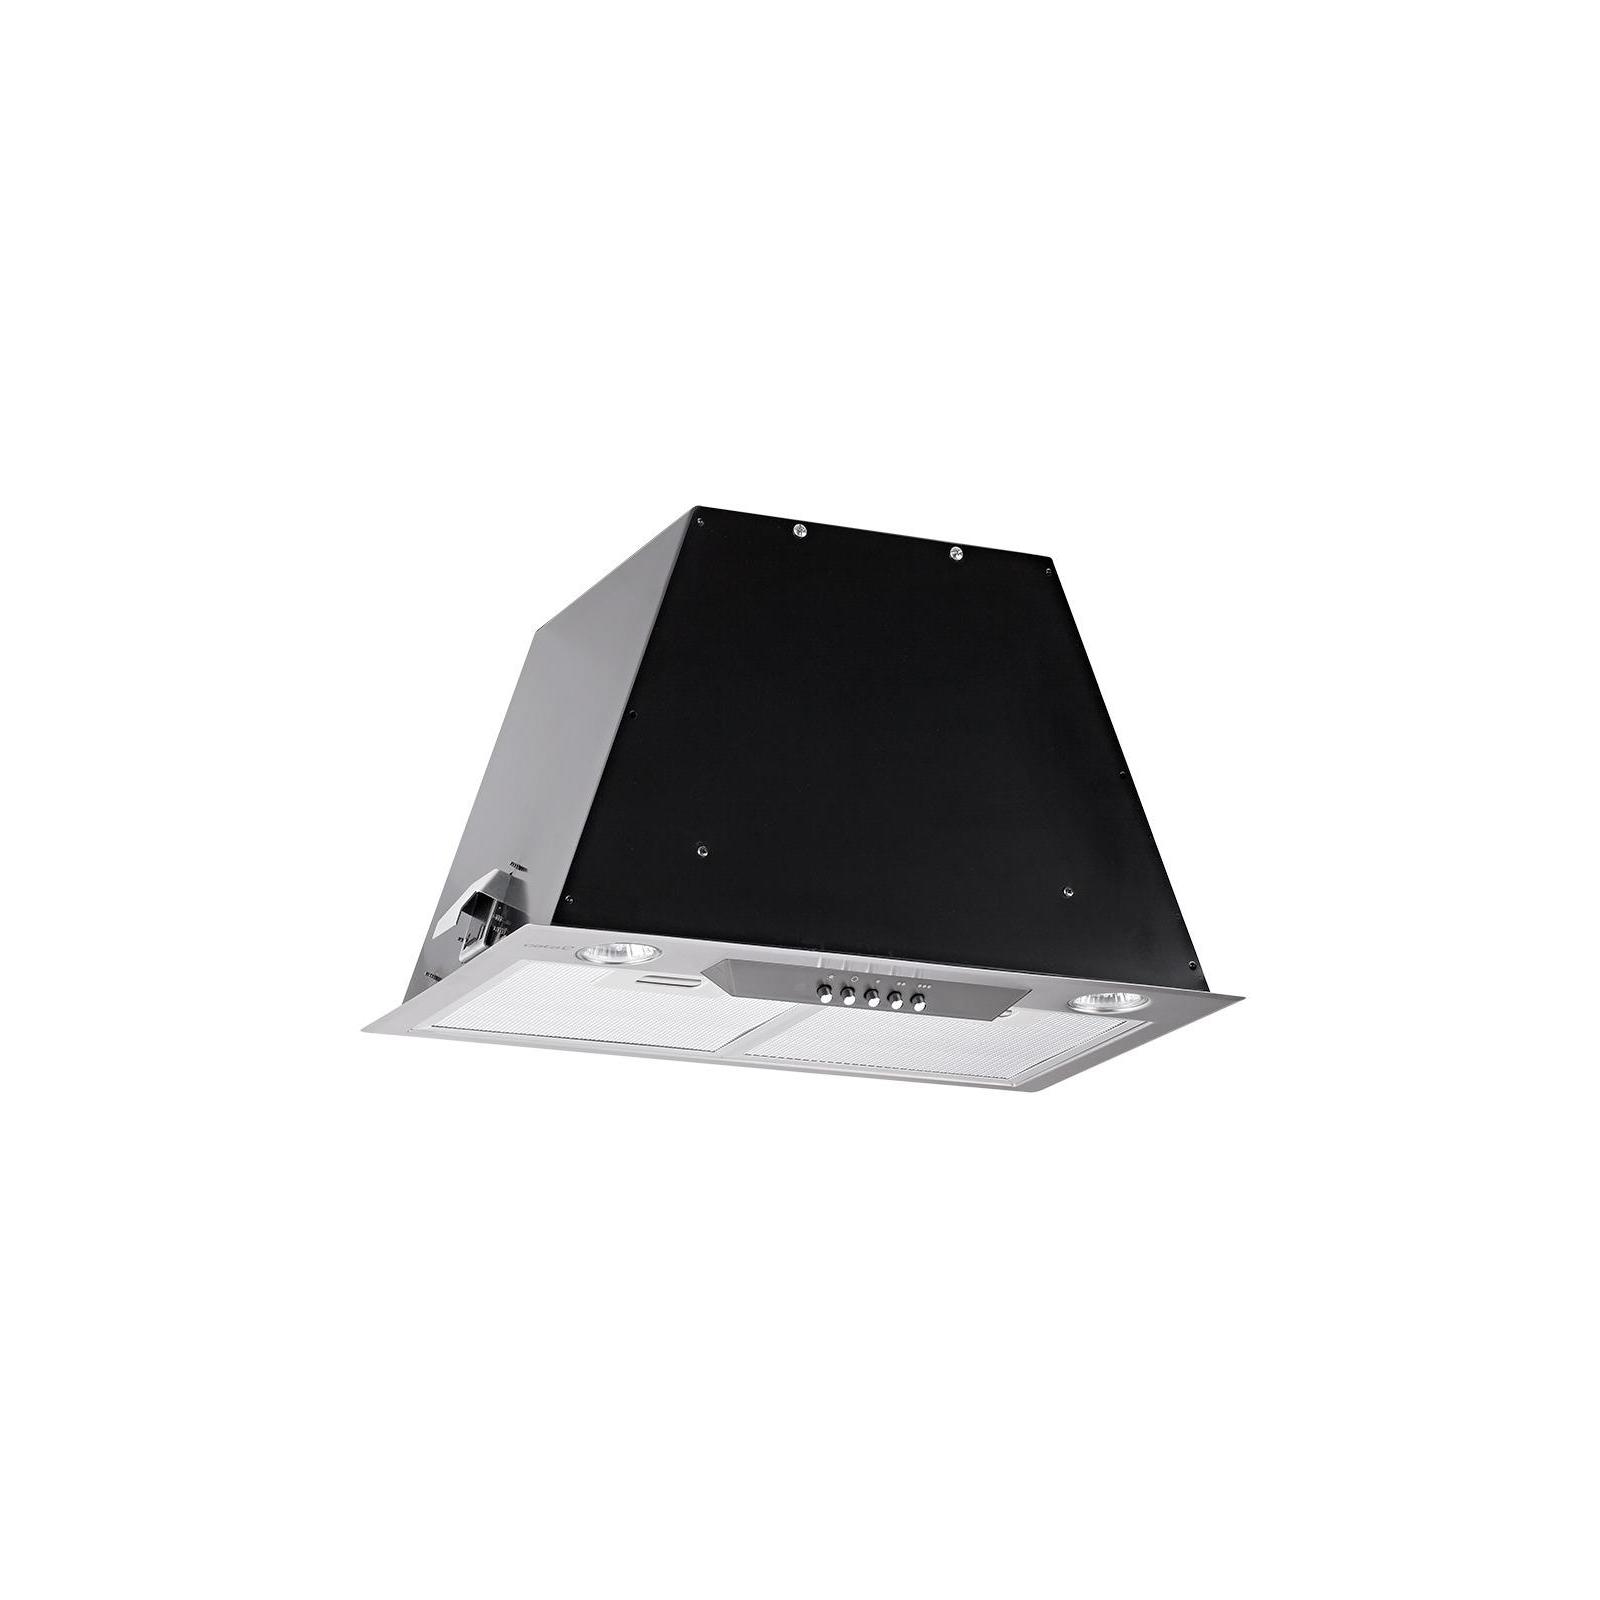 Вытяжка кухонная CATA GT-PLUS 45 X/C изображение 2